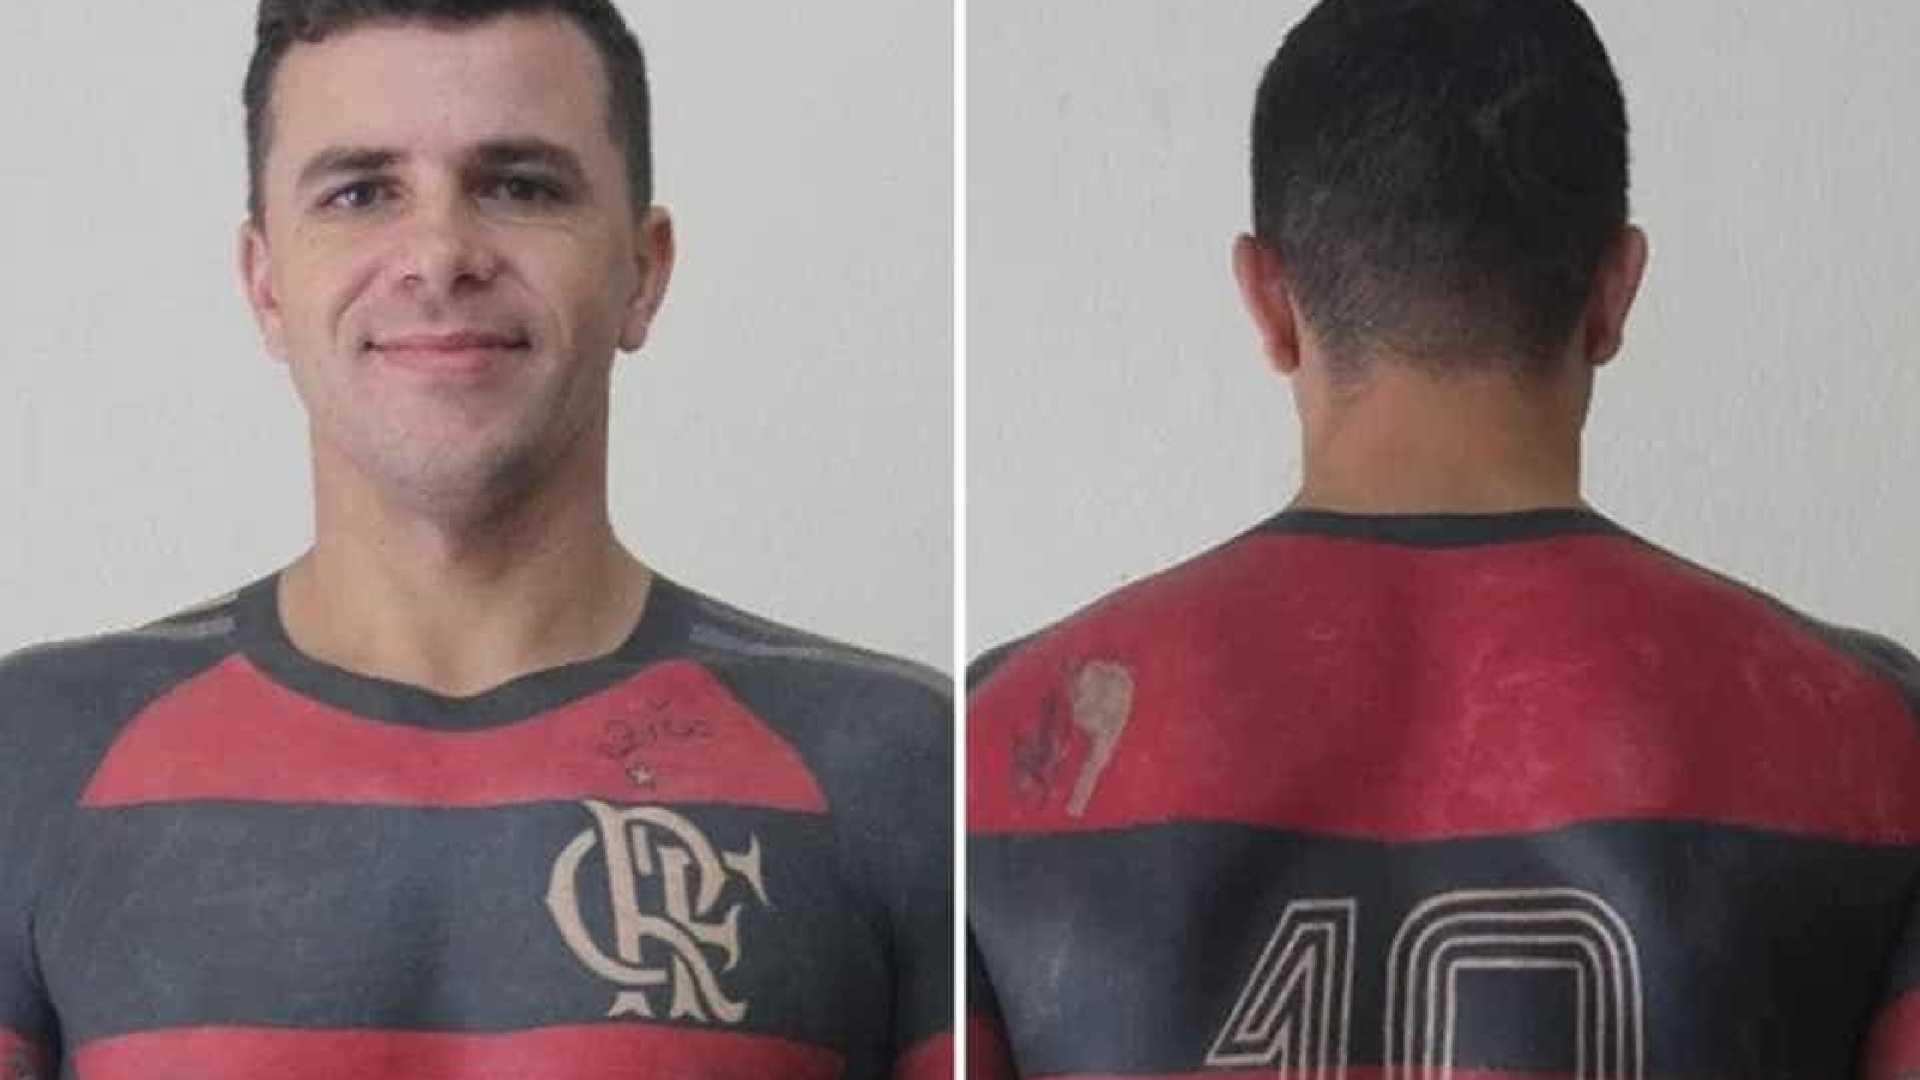 Torcedor do Fla finaliza tatuagem de camisa do clube em tamanho real ... 5e5bbcb20cbb2